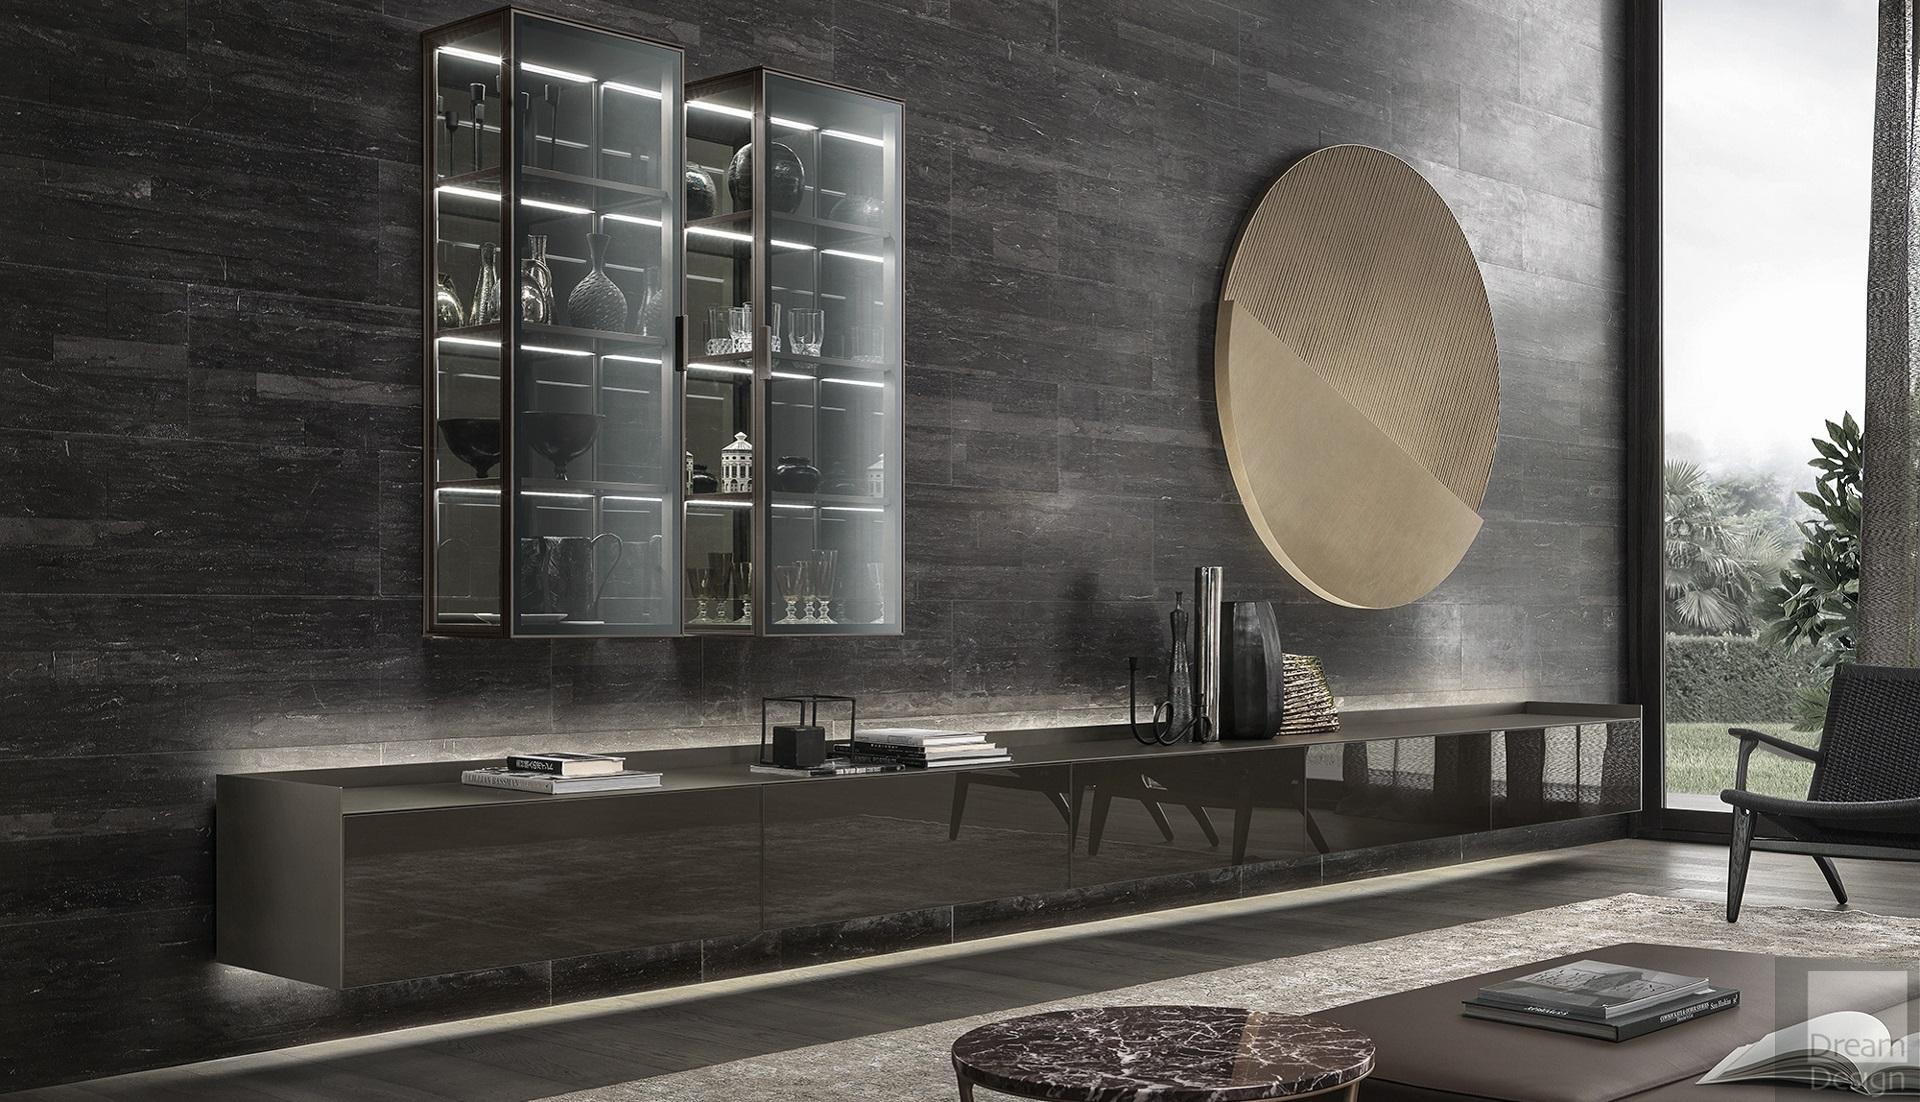 rimadesio self bold cabinet dream design interiors ltd. Black Bedroom Furniture Sets. Home Design Ideas